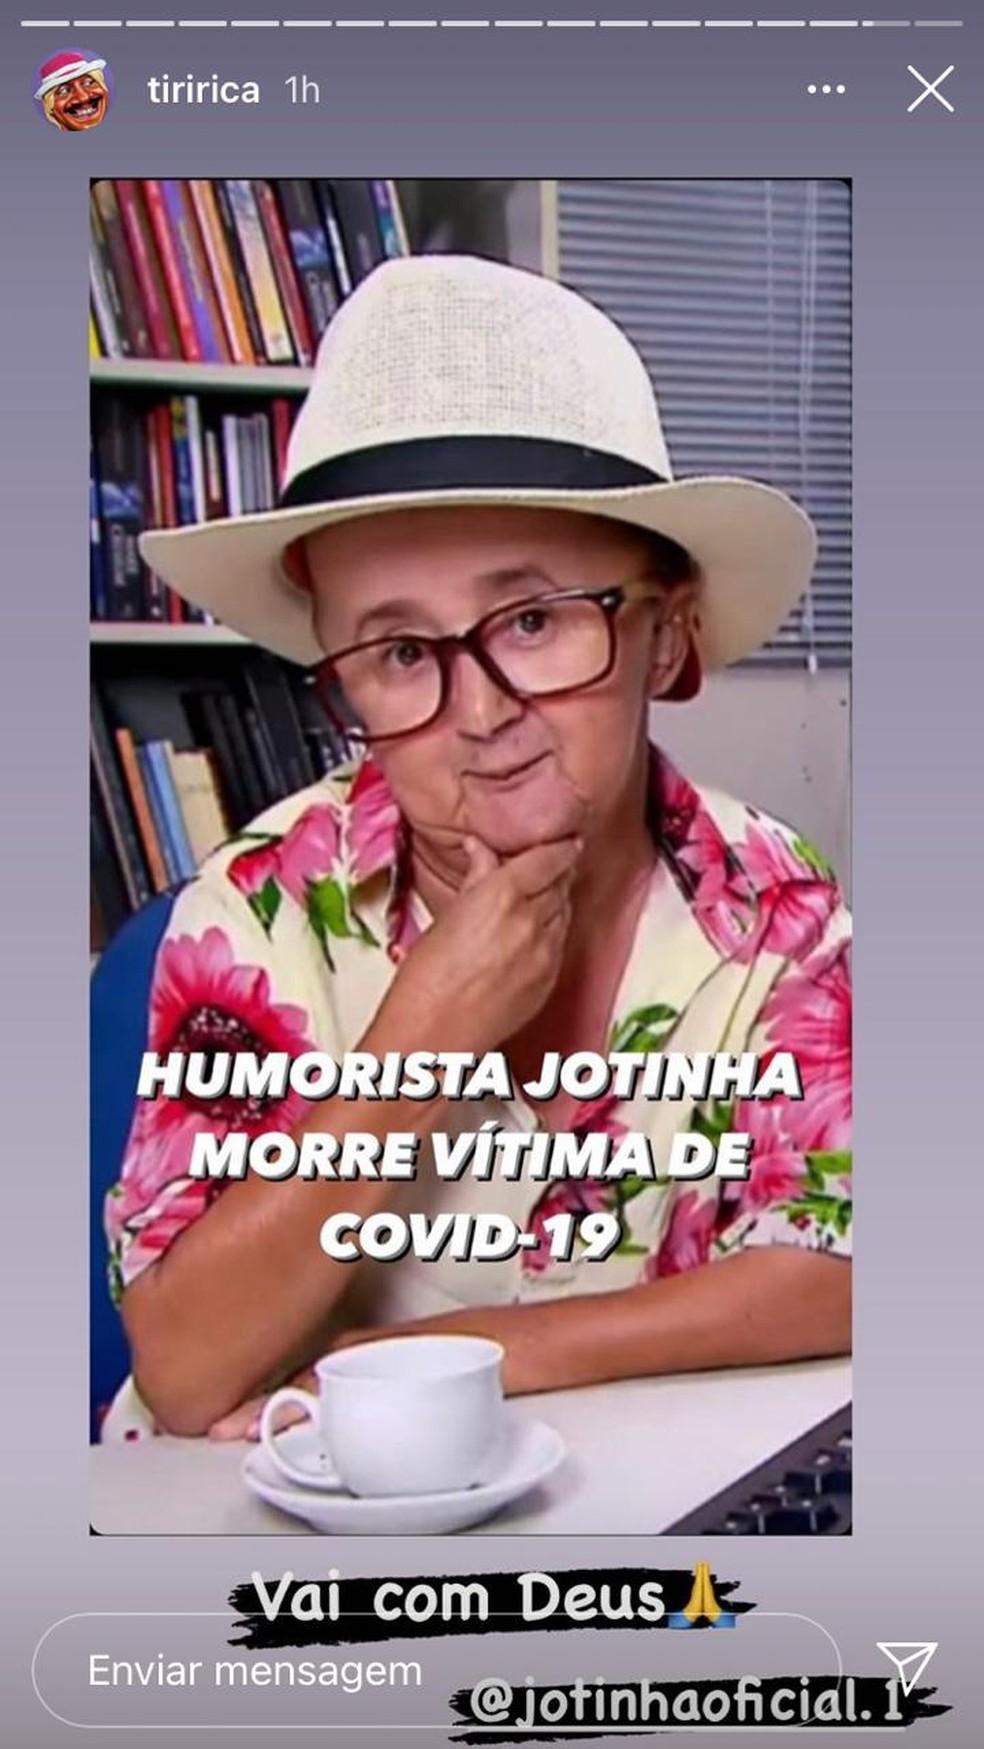 Tiririca também publicou nos stories lamentando a morte de Jotinha — Foto: Reprodução/Redes sociais